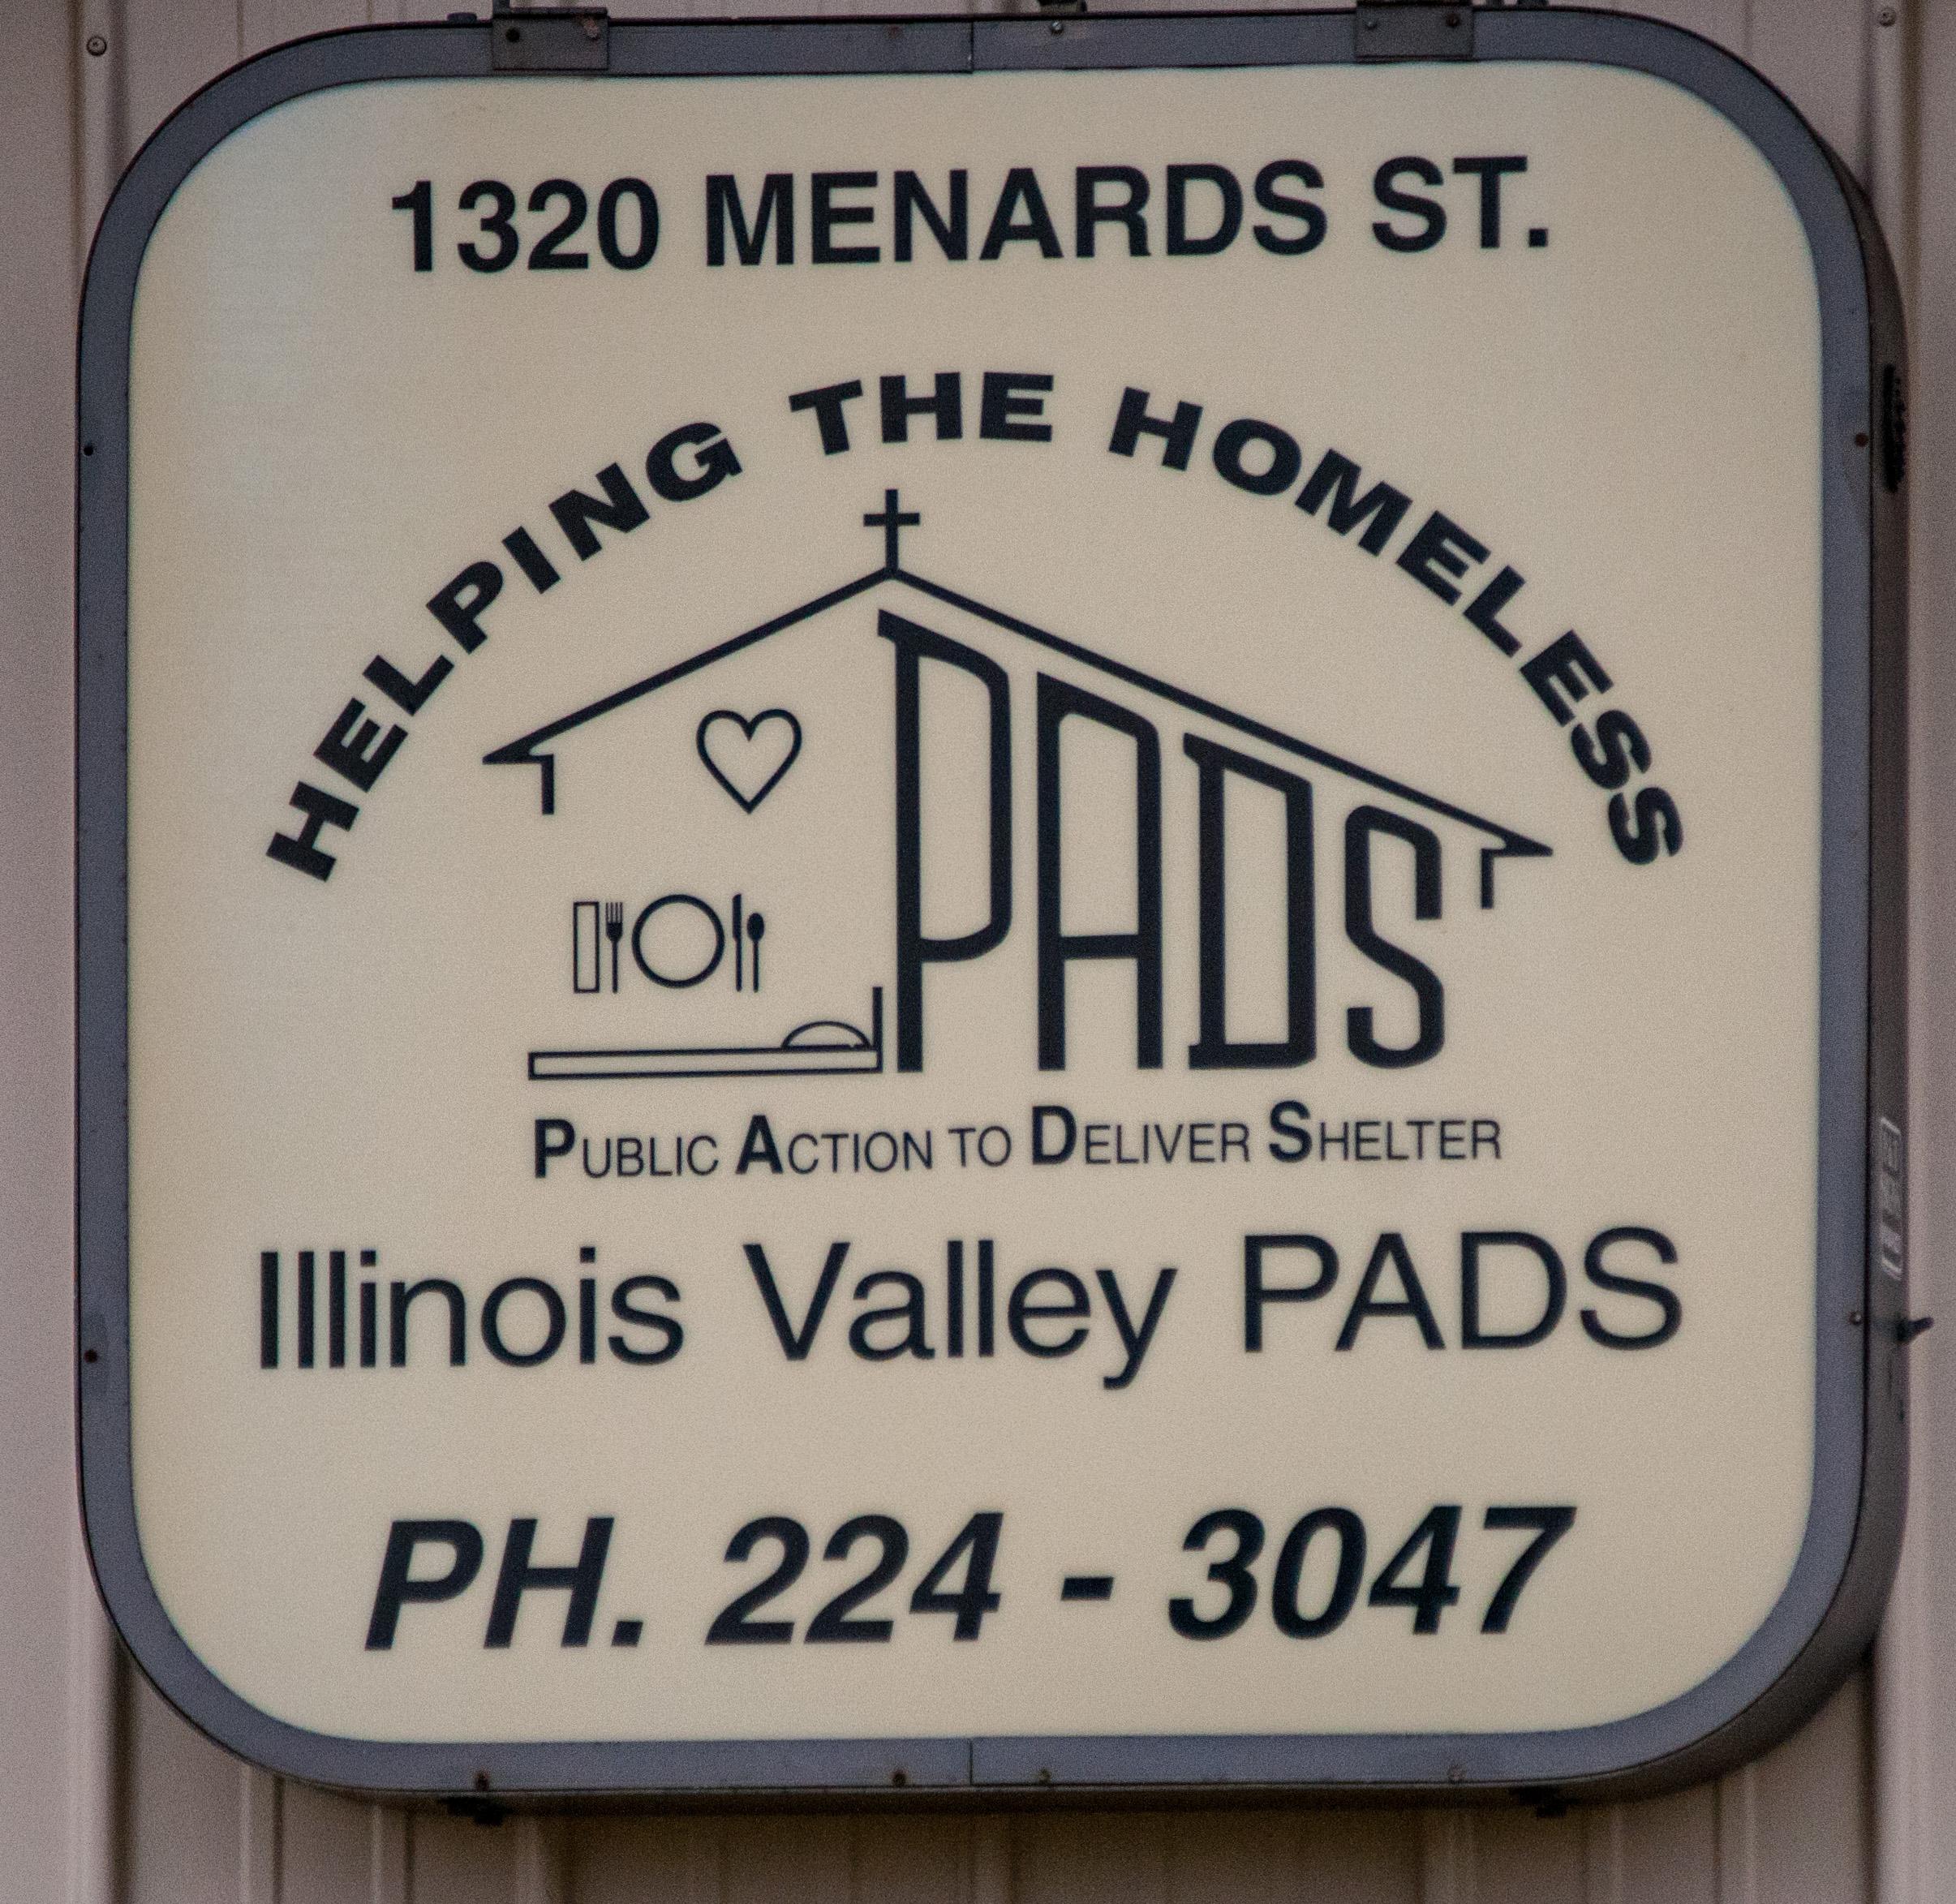 Peru PADS Shelter - Does menards deliver